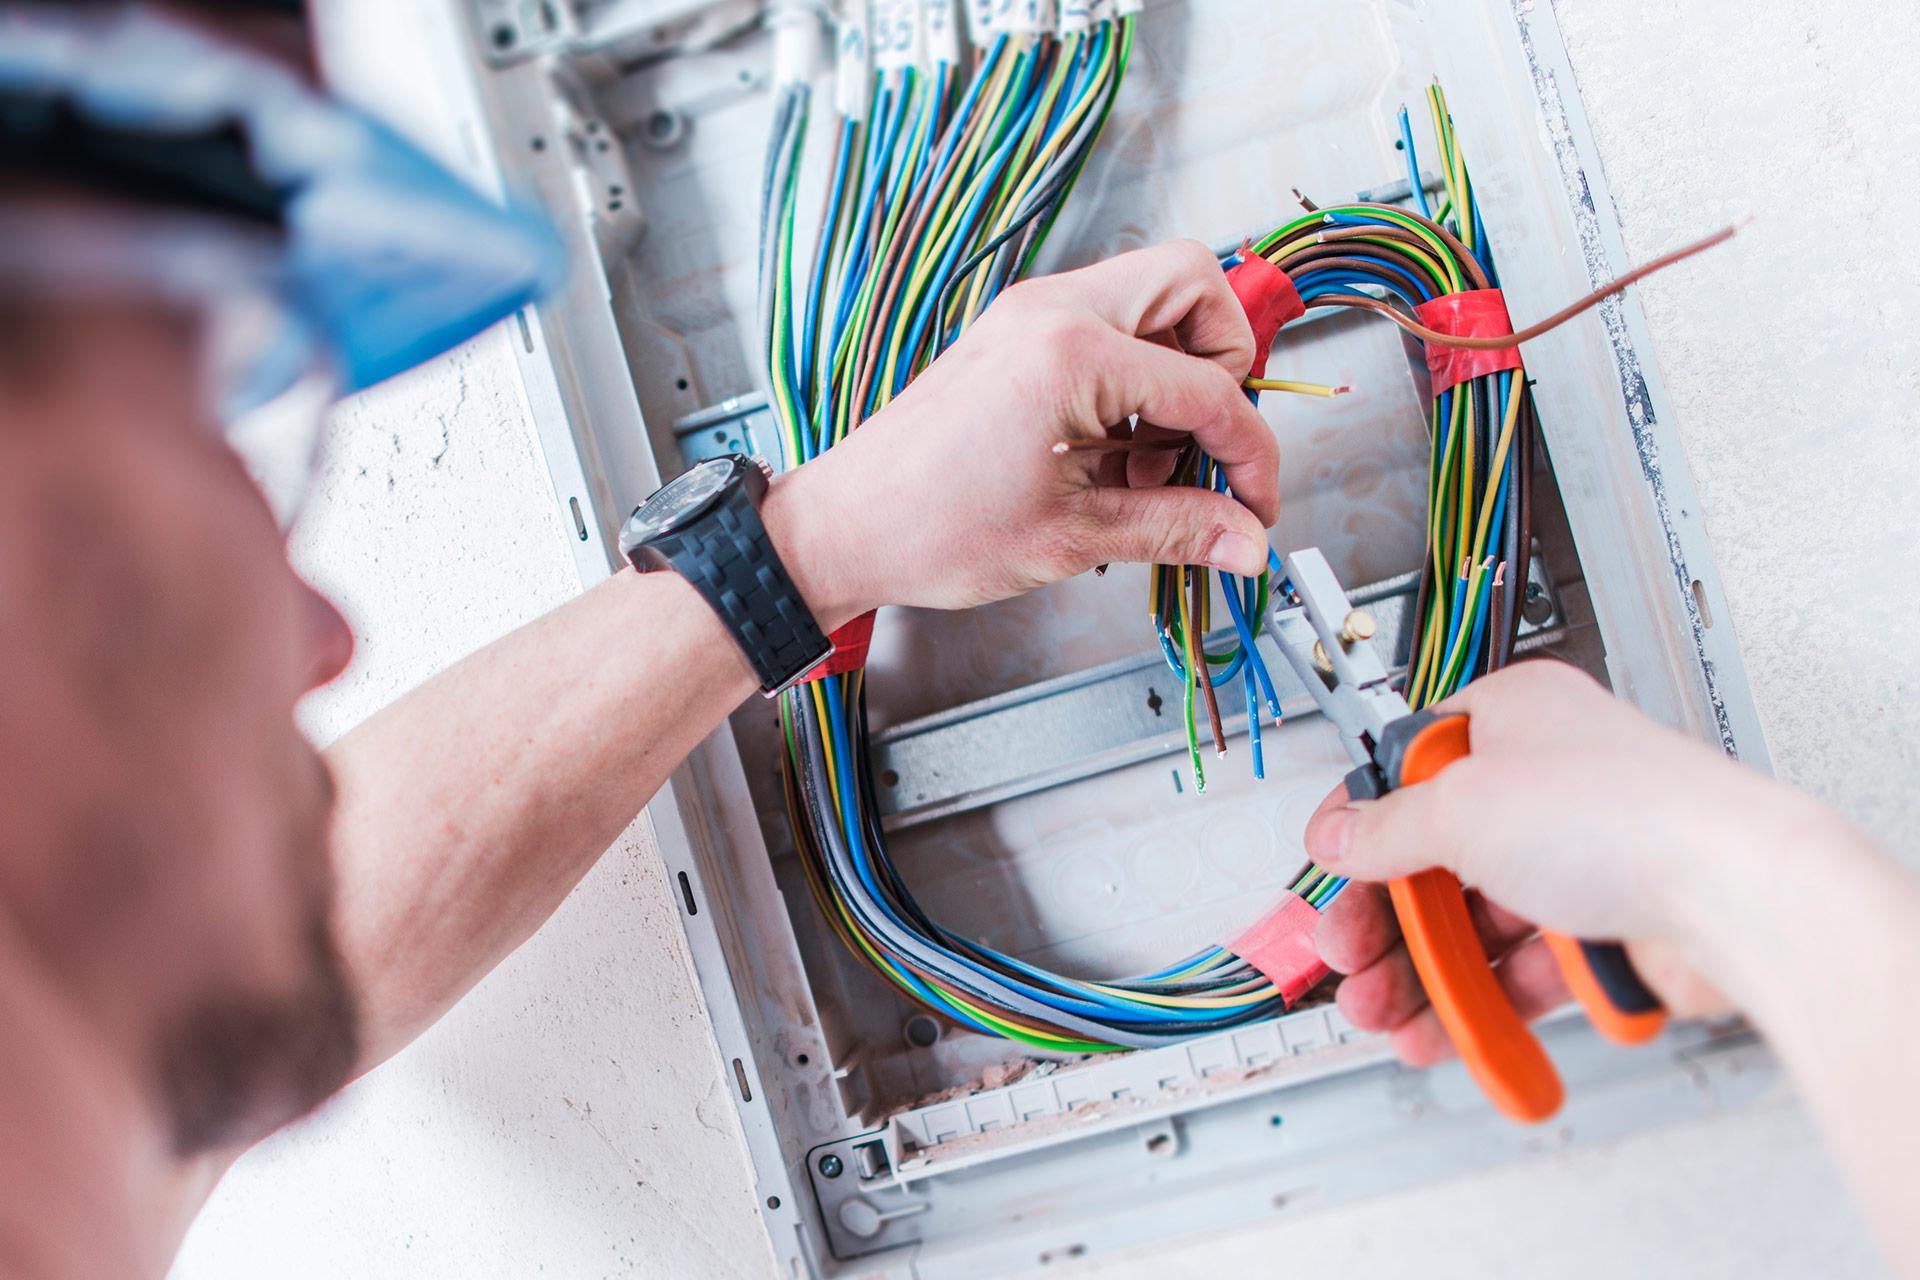 Bliv elektriker - uddannelseretning